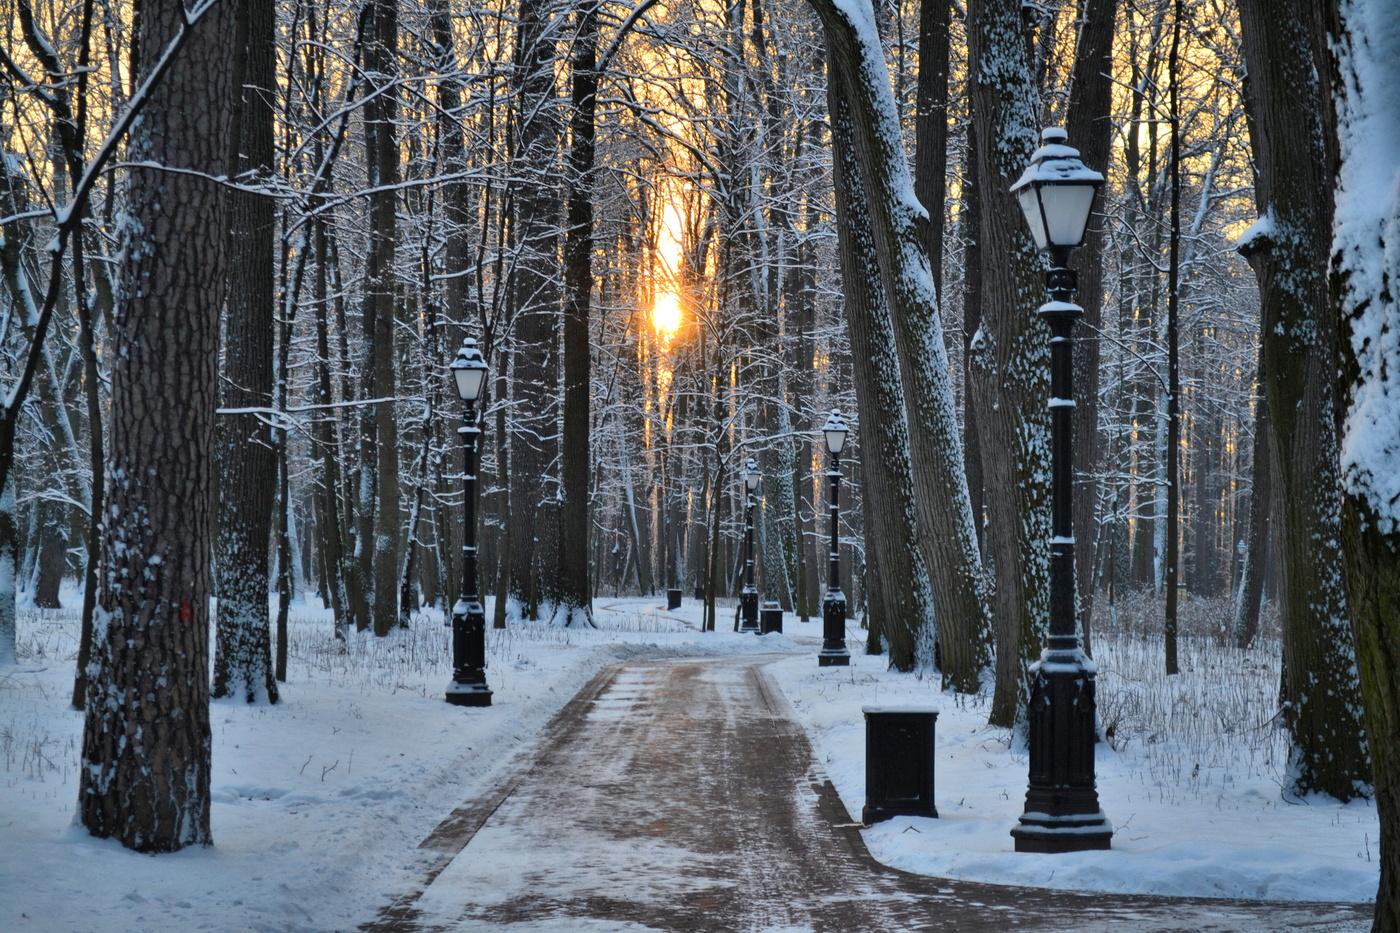 зимний парк фотографии можно встретить только